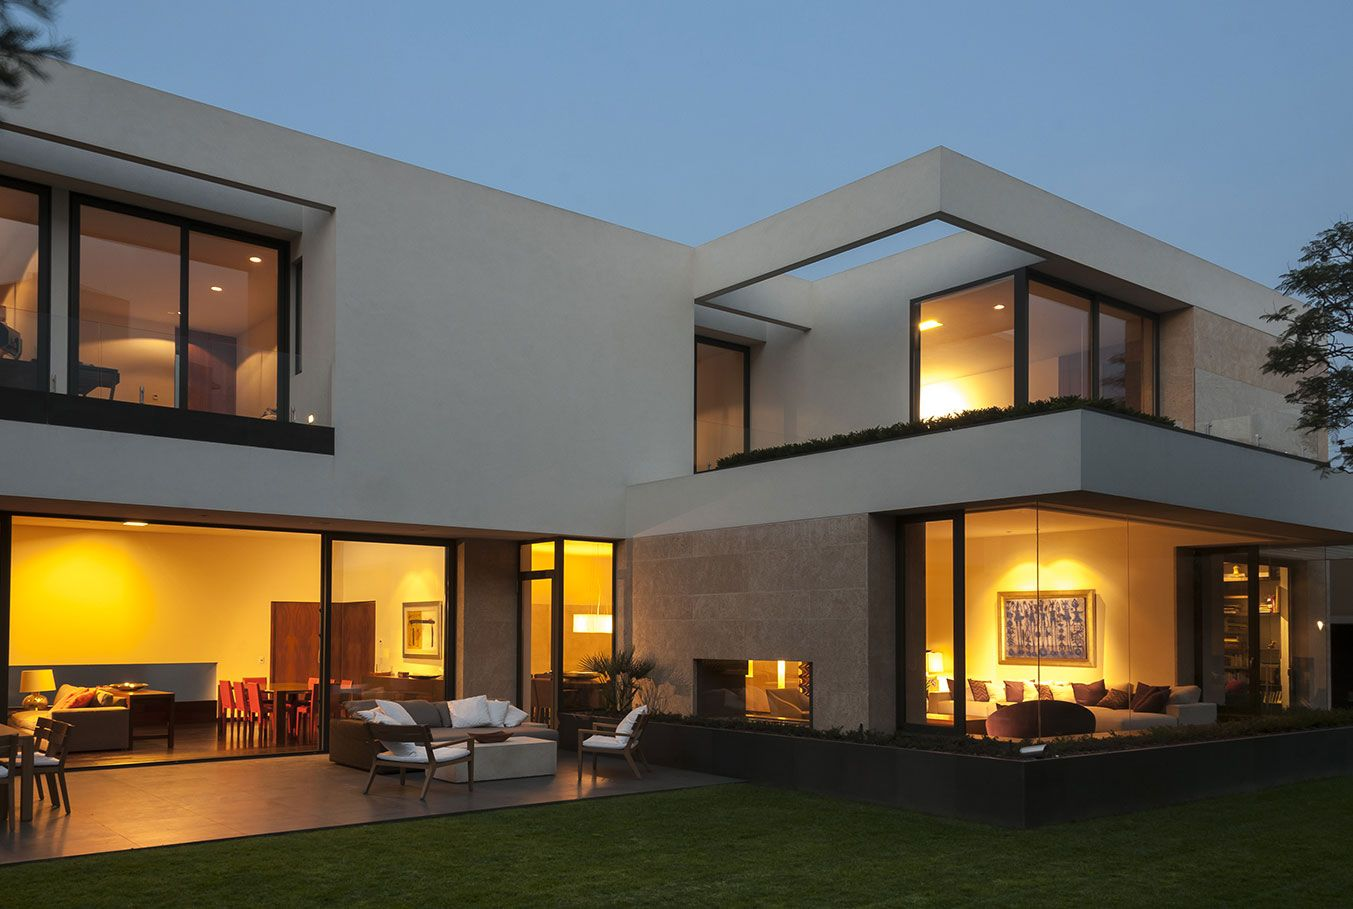 Mobile listador y 2 wow casa en 2019 casas casas prefabricadas y - Casas minimalistas prefabricadas ...